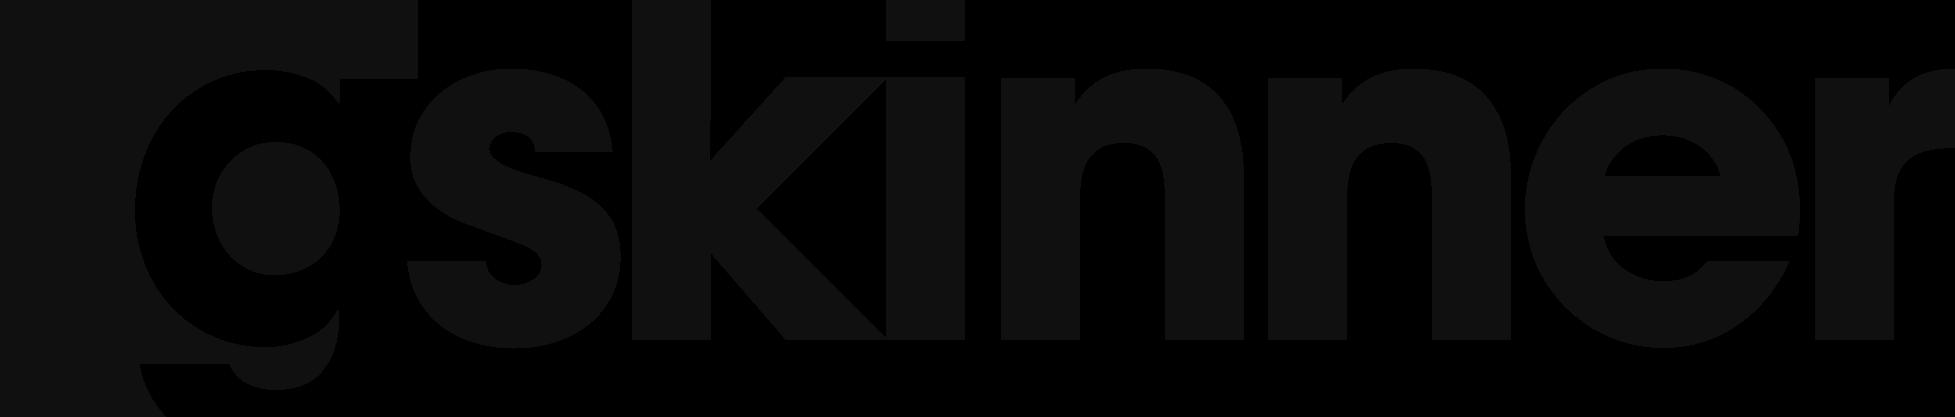 gskinner blog